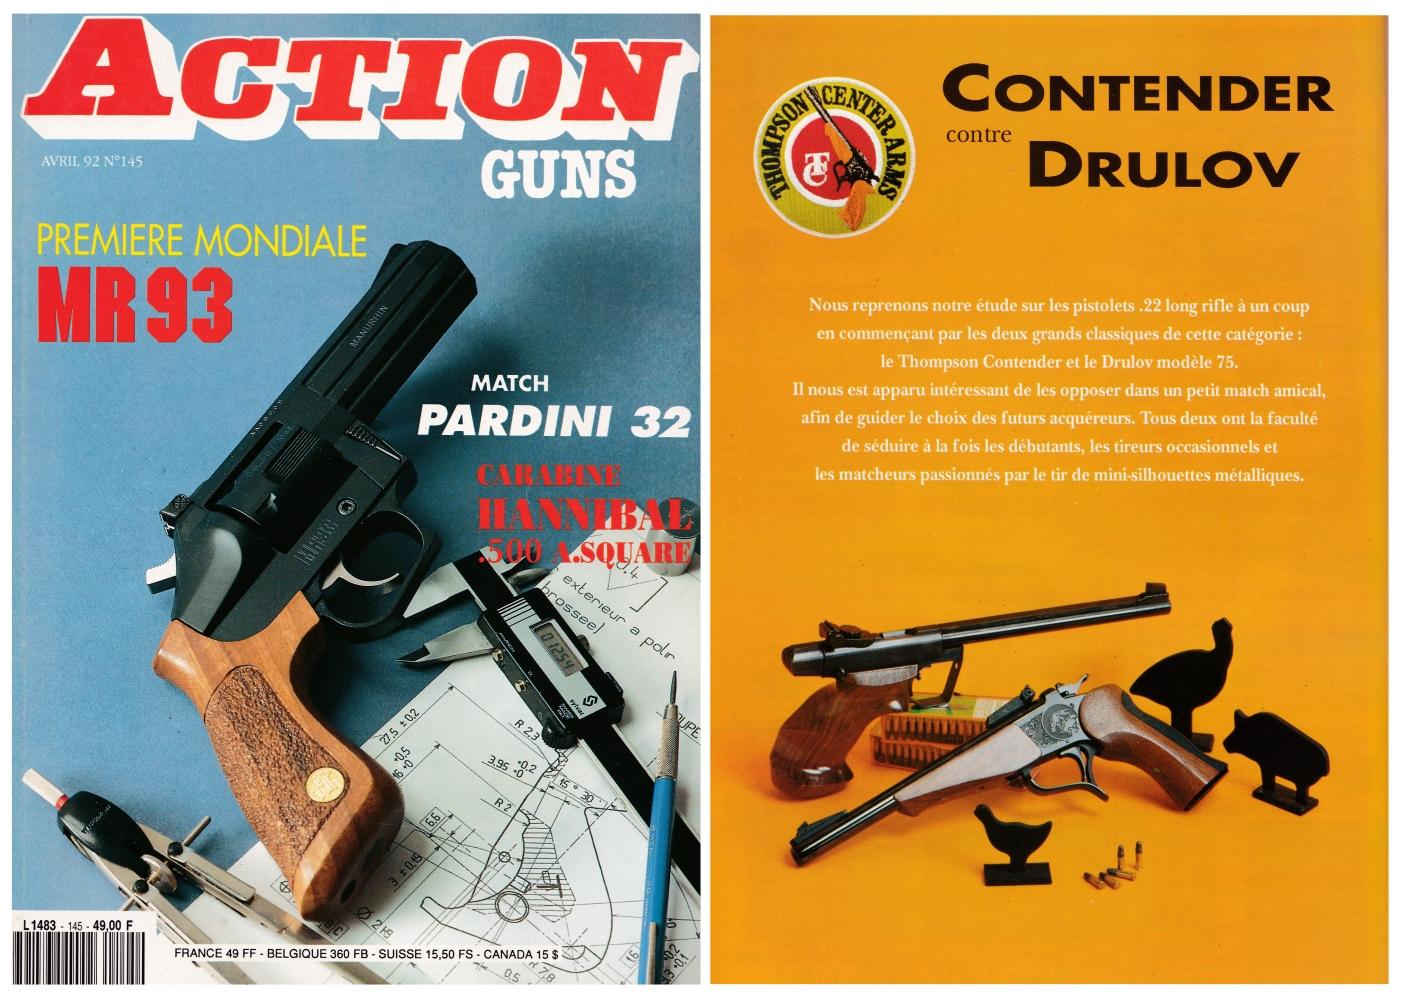 Le banc d'essai comparatif des pistolets Contender et Drulov a été publié sur 6 pages dans le magazine Action Guns n°145 (avril 1992)